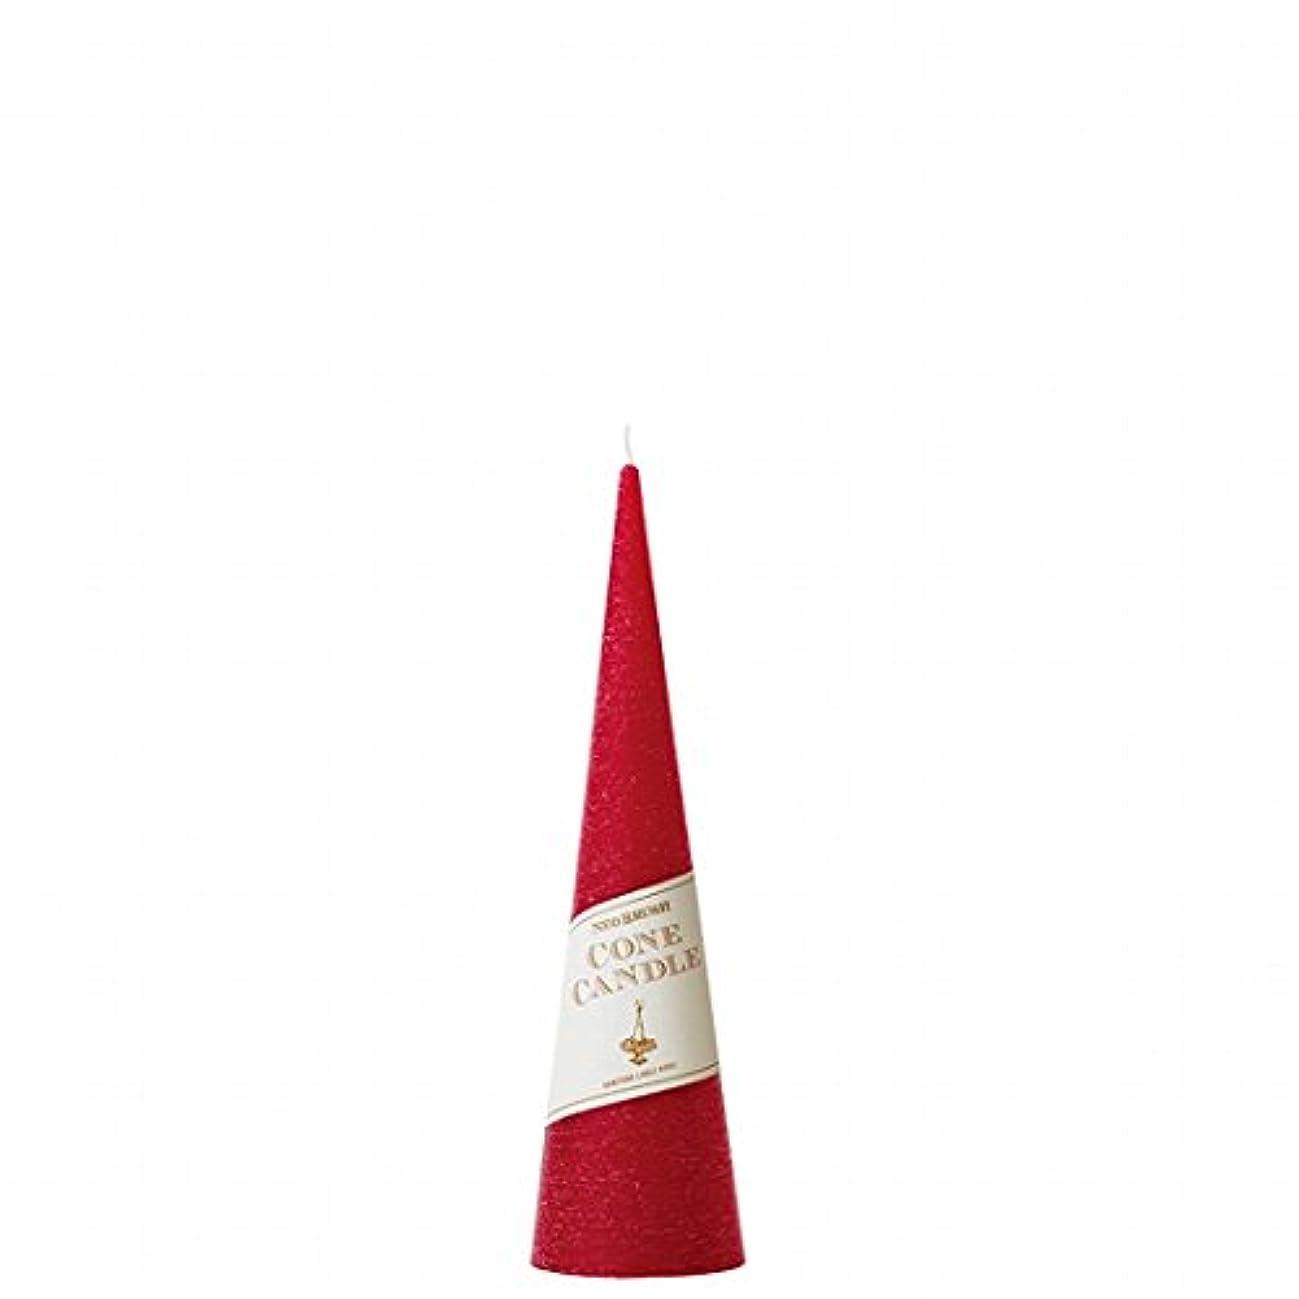 反発改革恥ずかしさkameyama candle(カメヤマキャンドル) ネオブラッシュコーン 180 キャンドル 「 レッド 」(A9750010R)